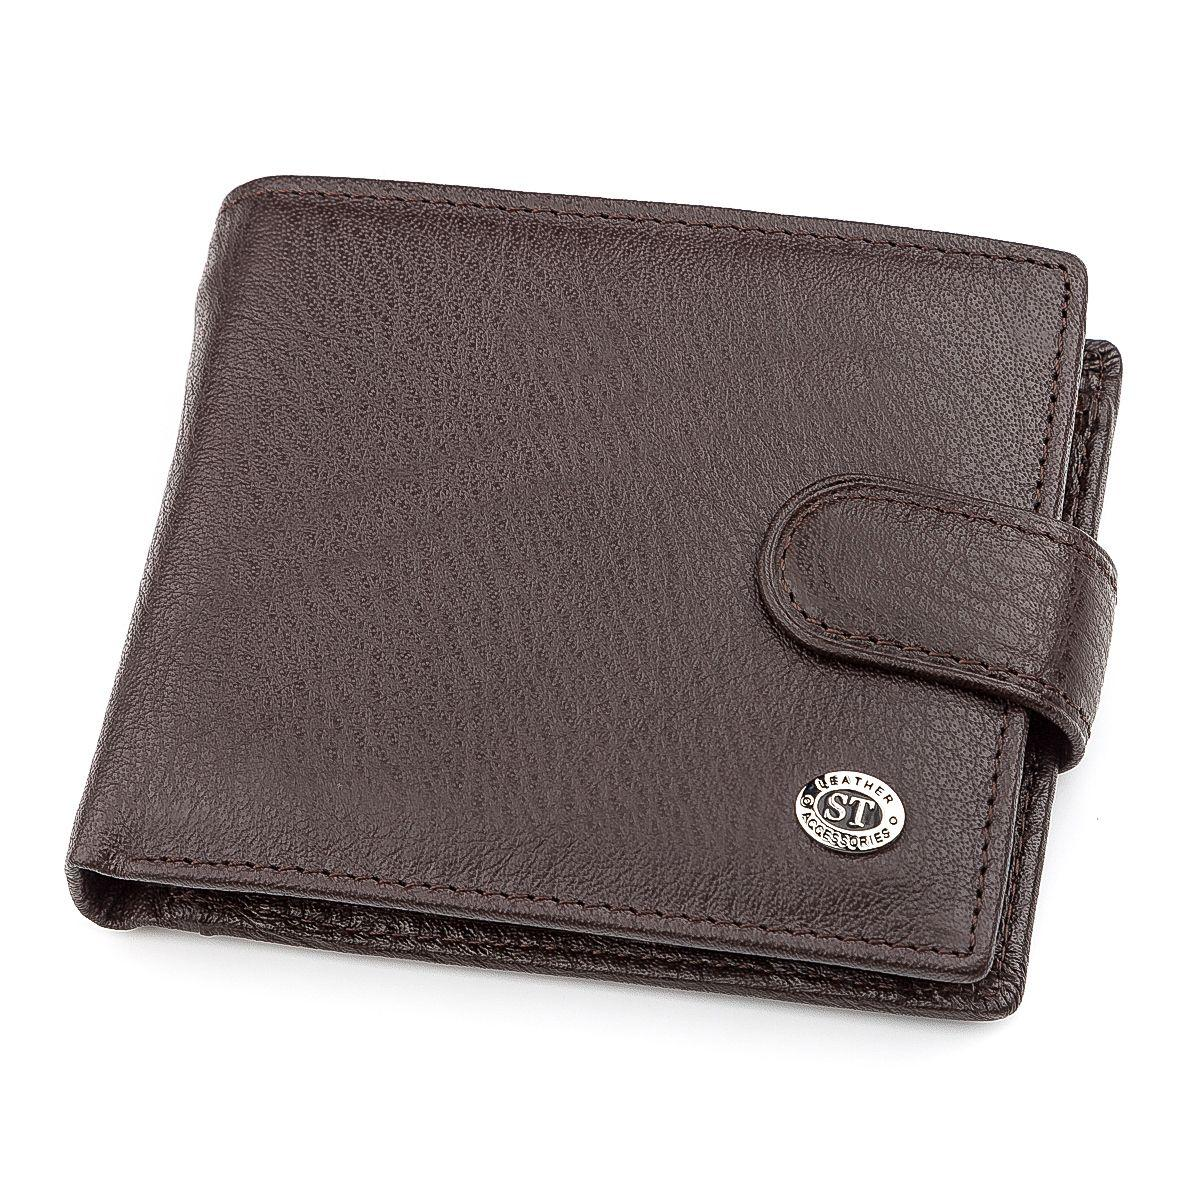 Мужской кошелек ST Leather 18310 (ST103) натуральная кожа Коричневый